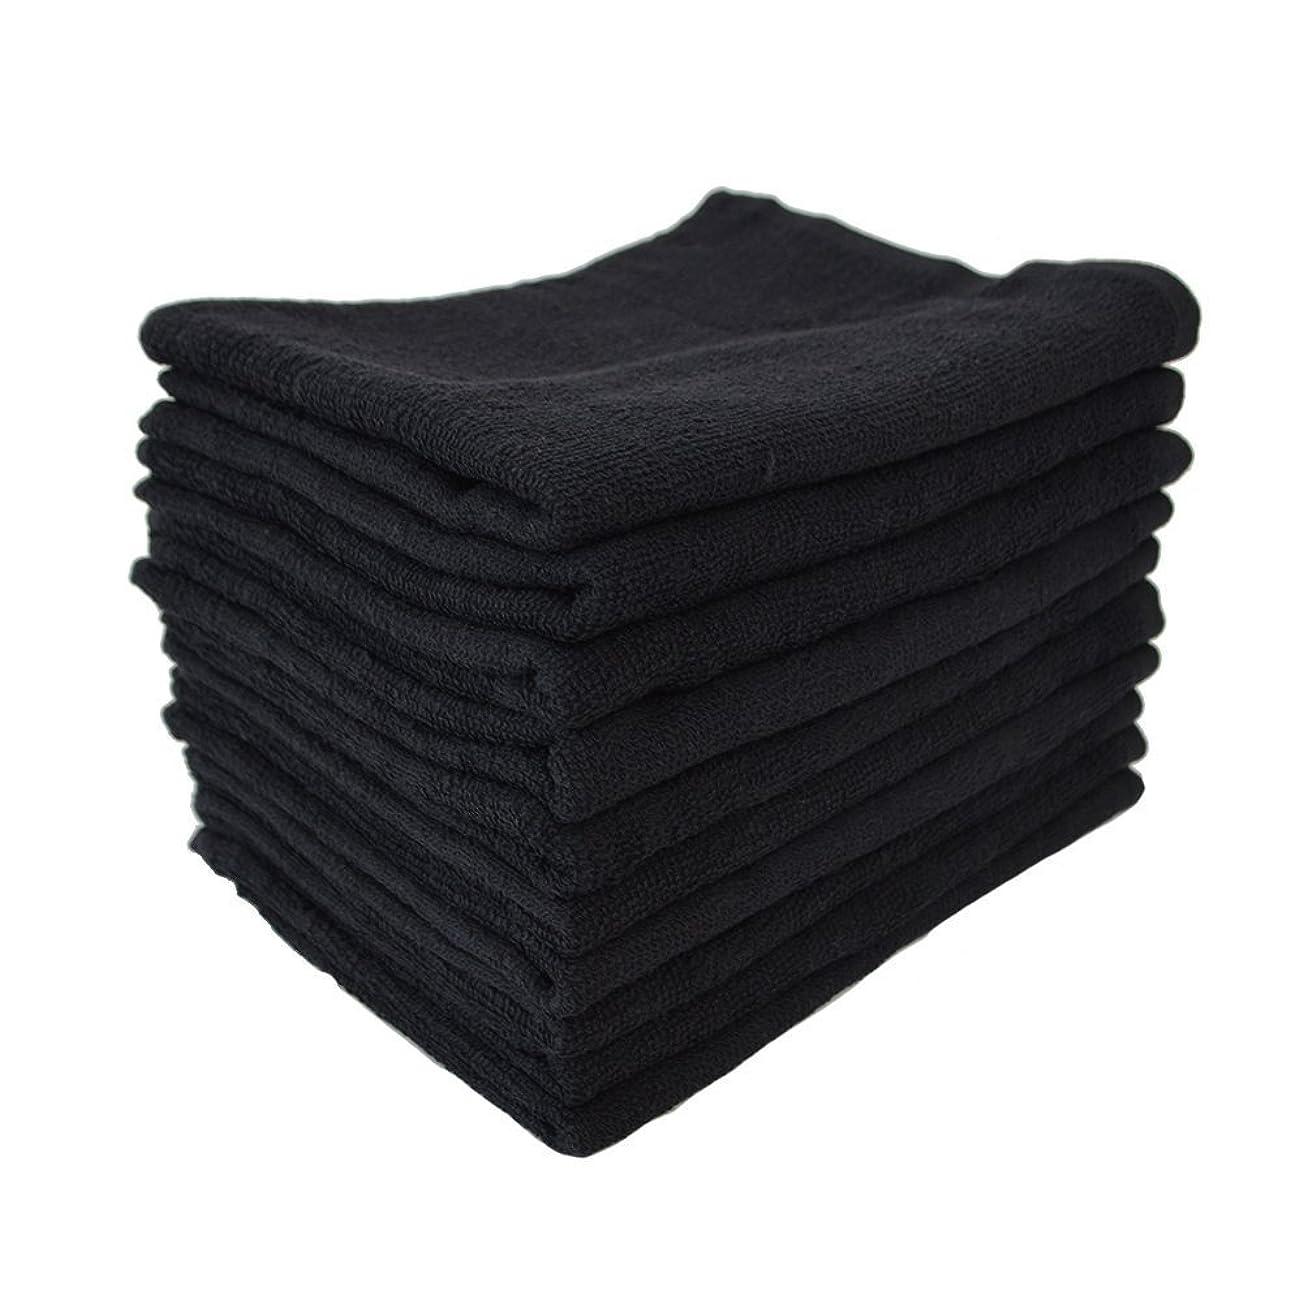 悪夢成り立つ素敵なTRANPARAN 業務用タオル フェイスタオル 220匁 スレン染め 輸入品 黒タオル プロ仕様 10枚セット